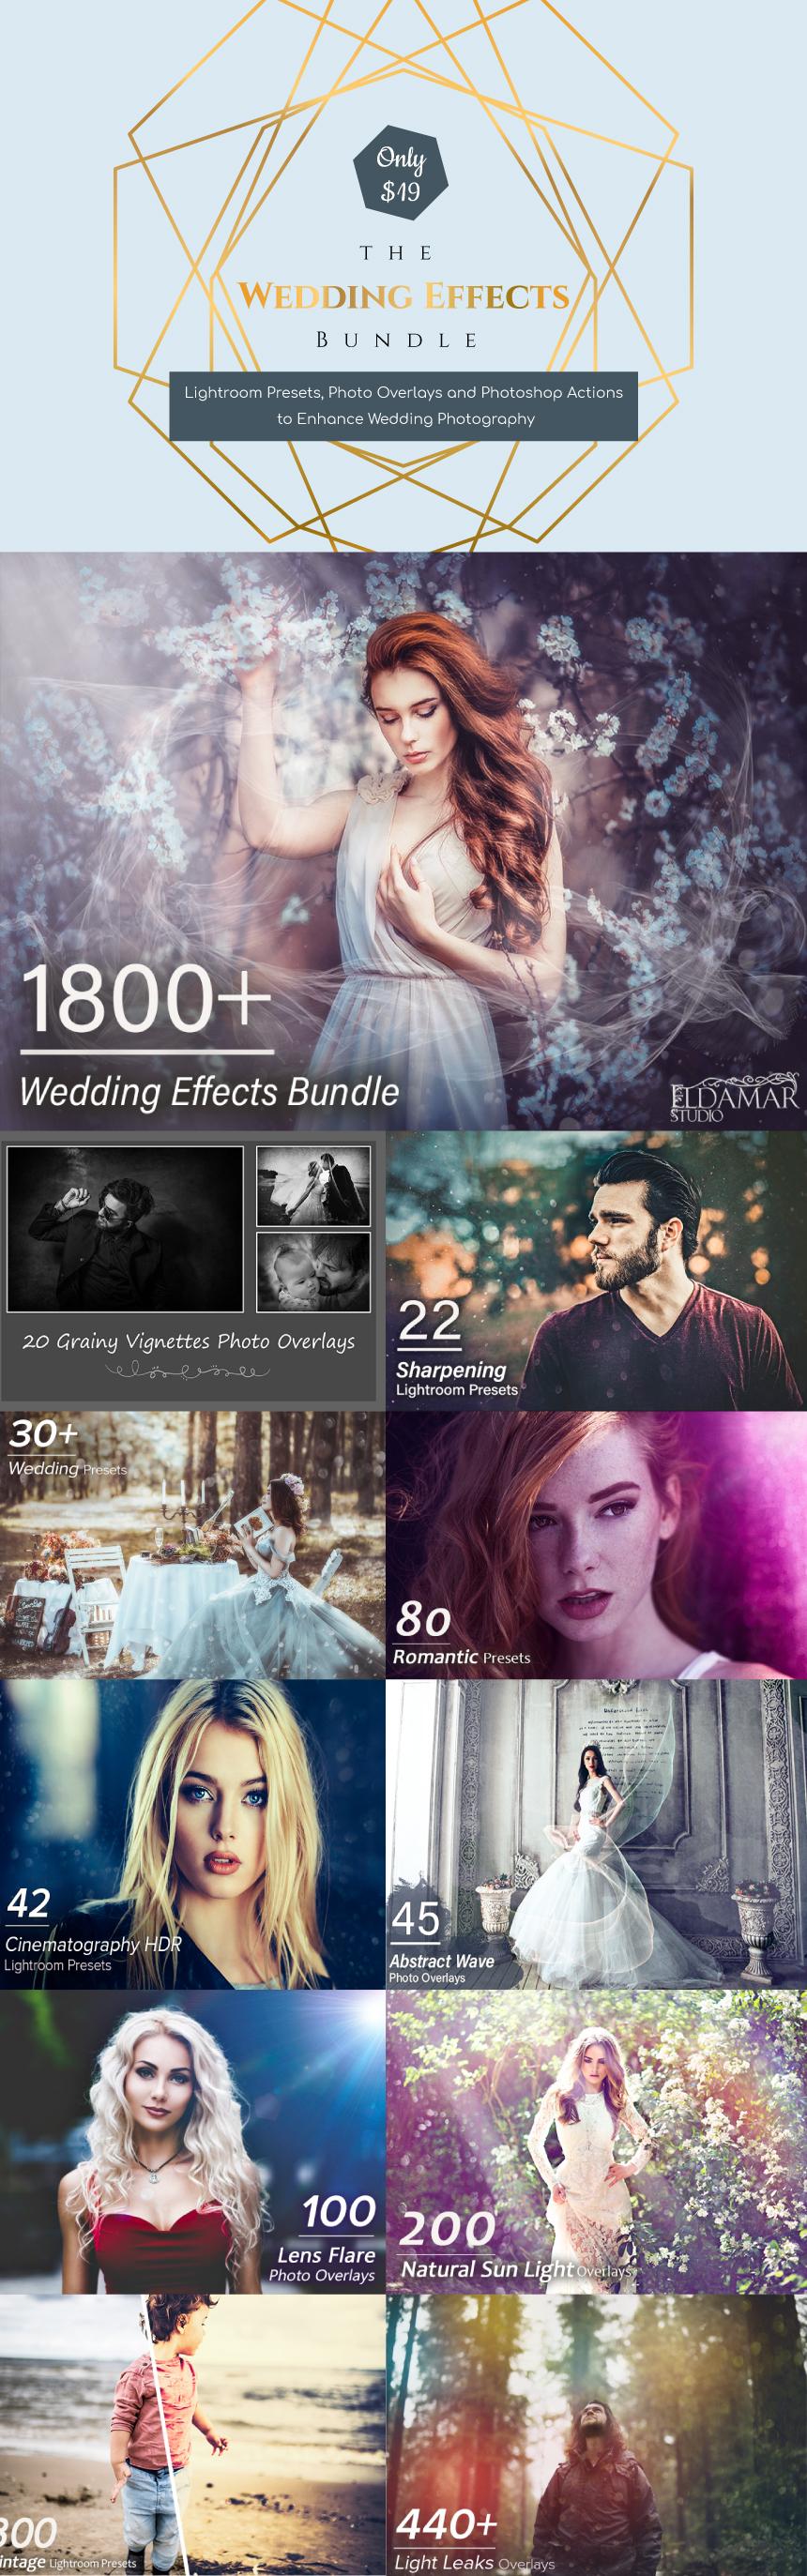 The Wedding Effects Bundle - Enhance Wedding Photography